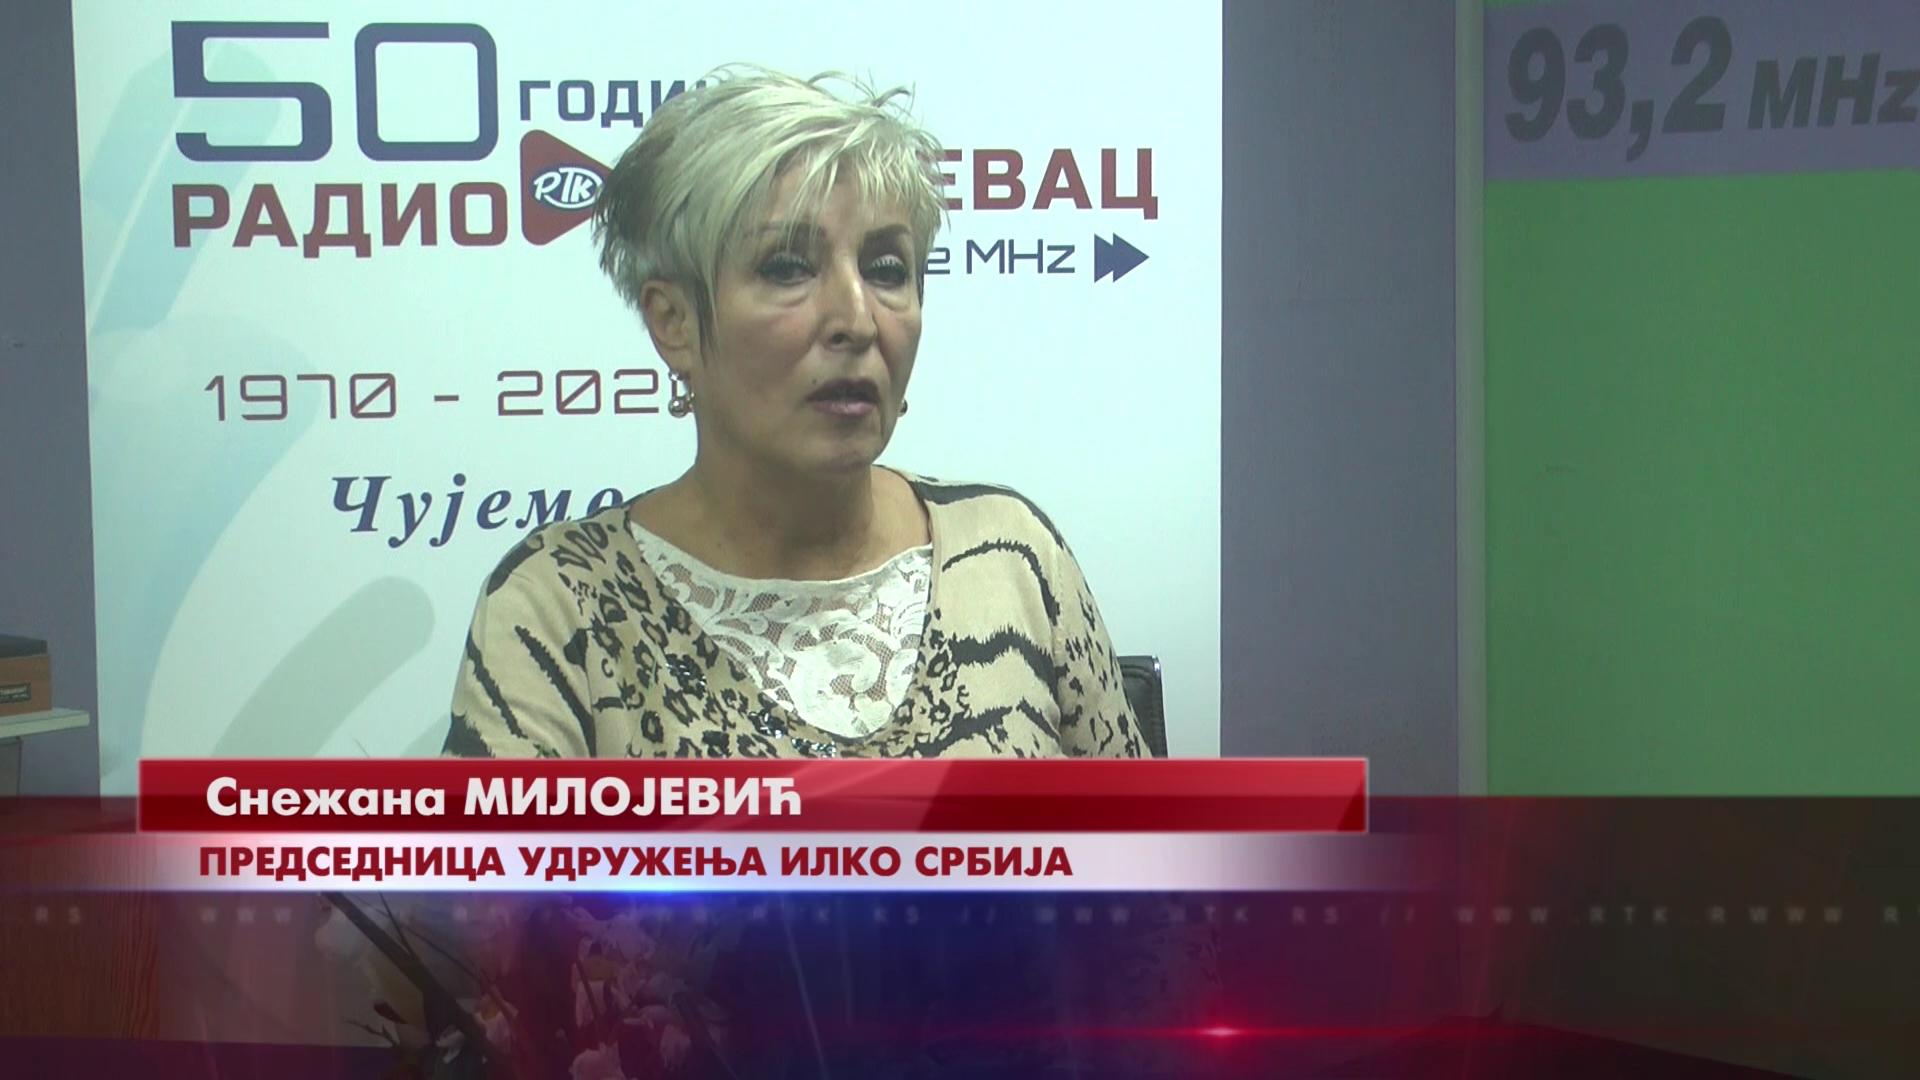 """Nacionalno invalidsko udruženje """"Ilko Srbija"""" okuplja osobe koje imaju izvedenu stomu"""